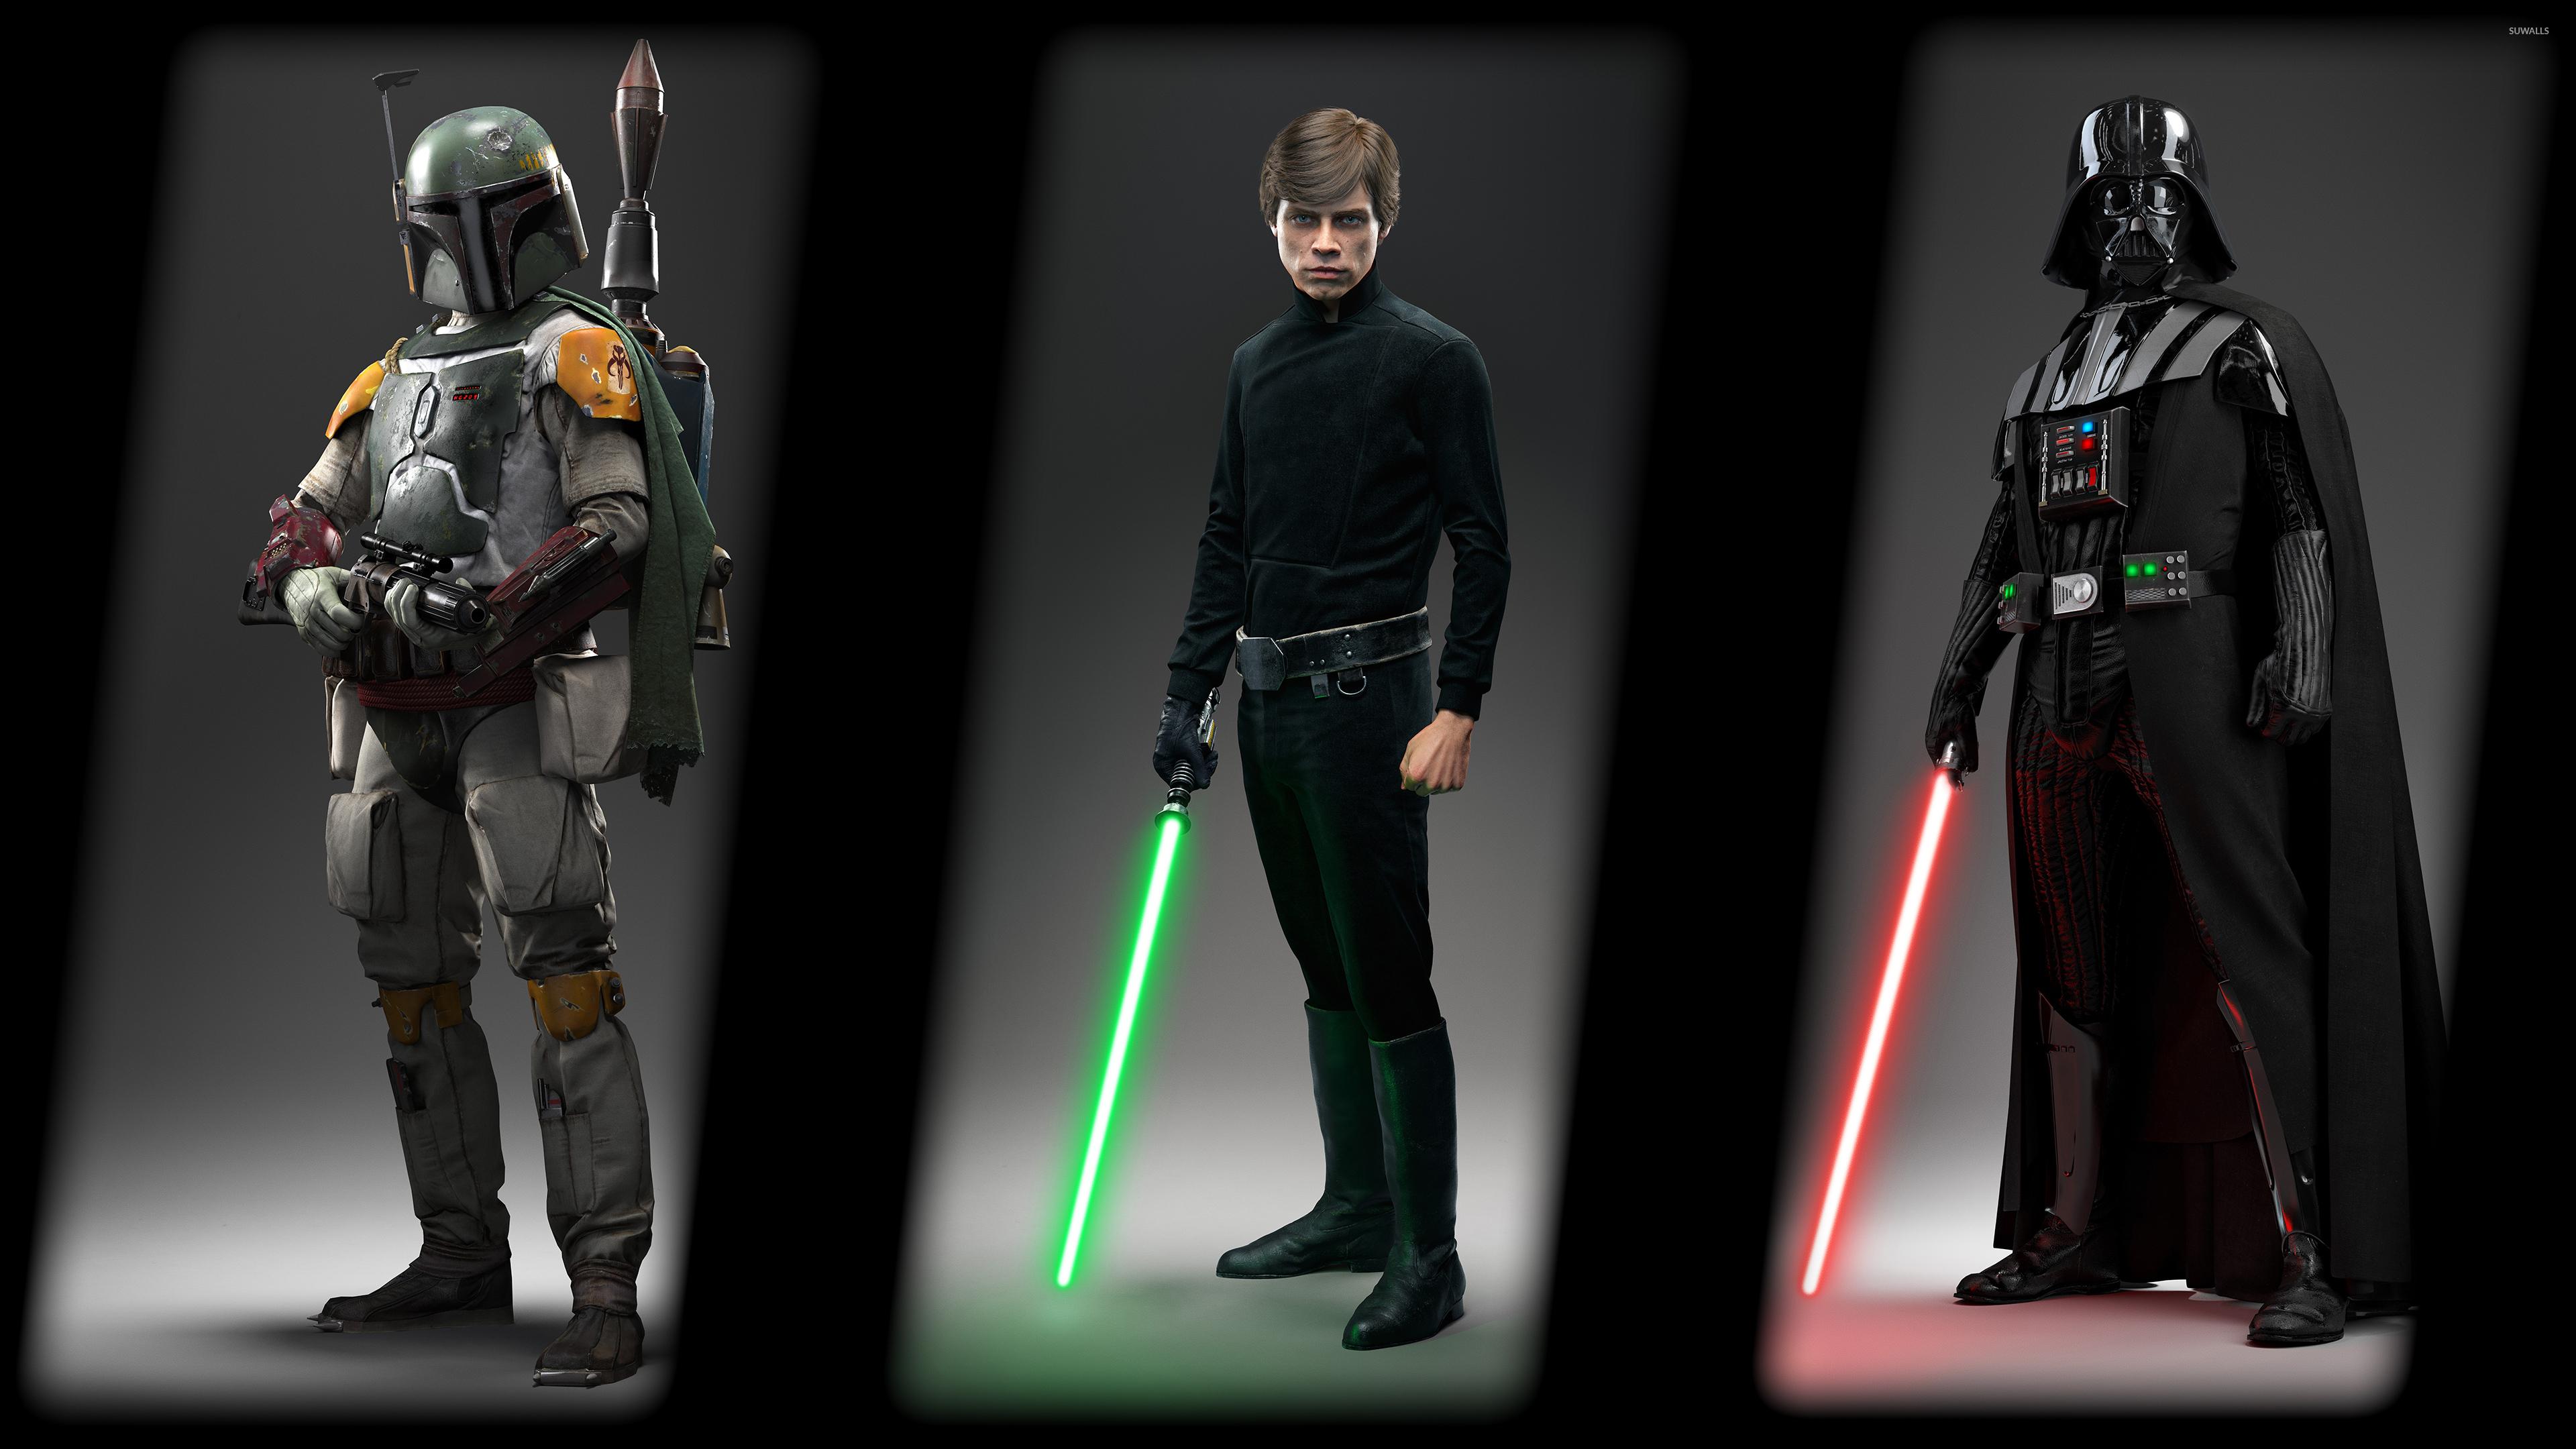 Boba Fett Luke Darth Vader Star Wars Battlefront Wallpaper